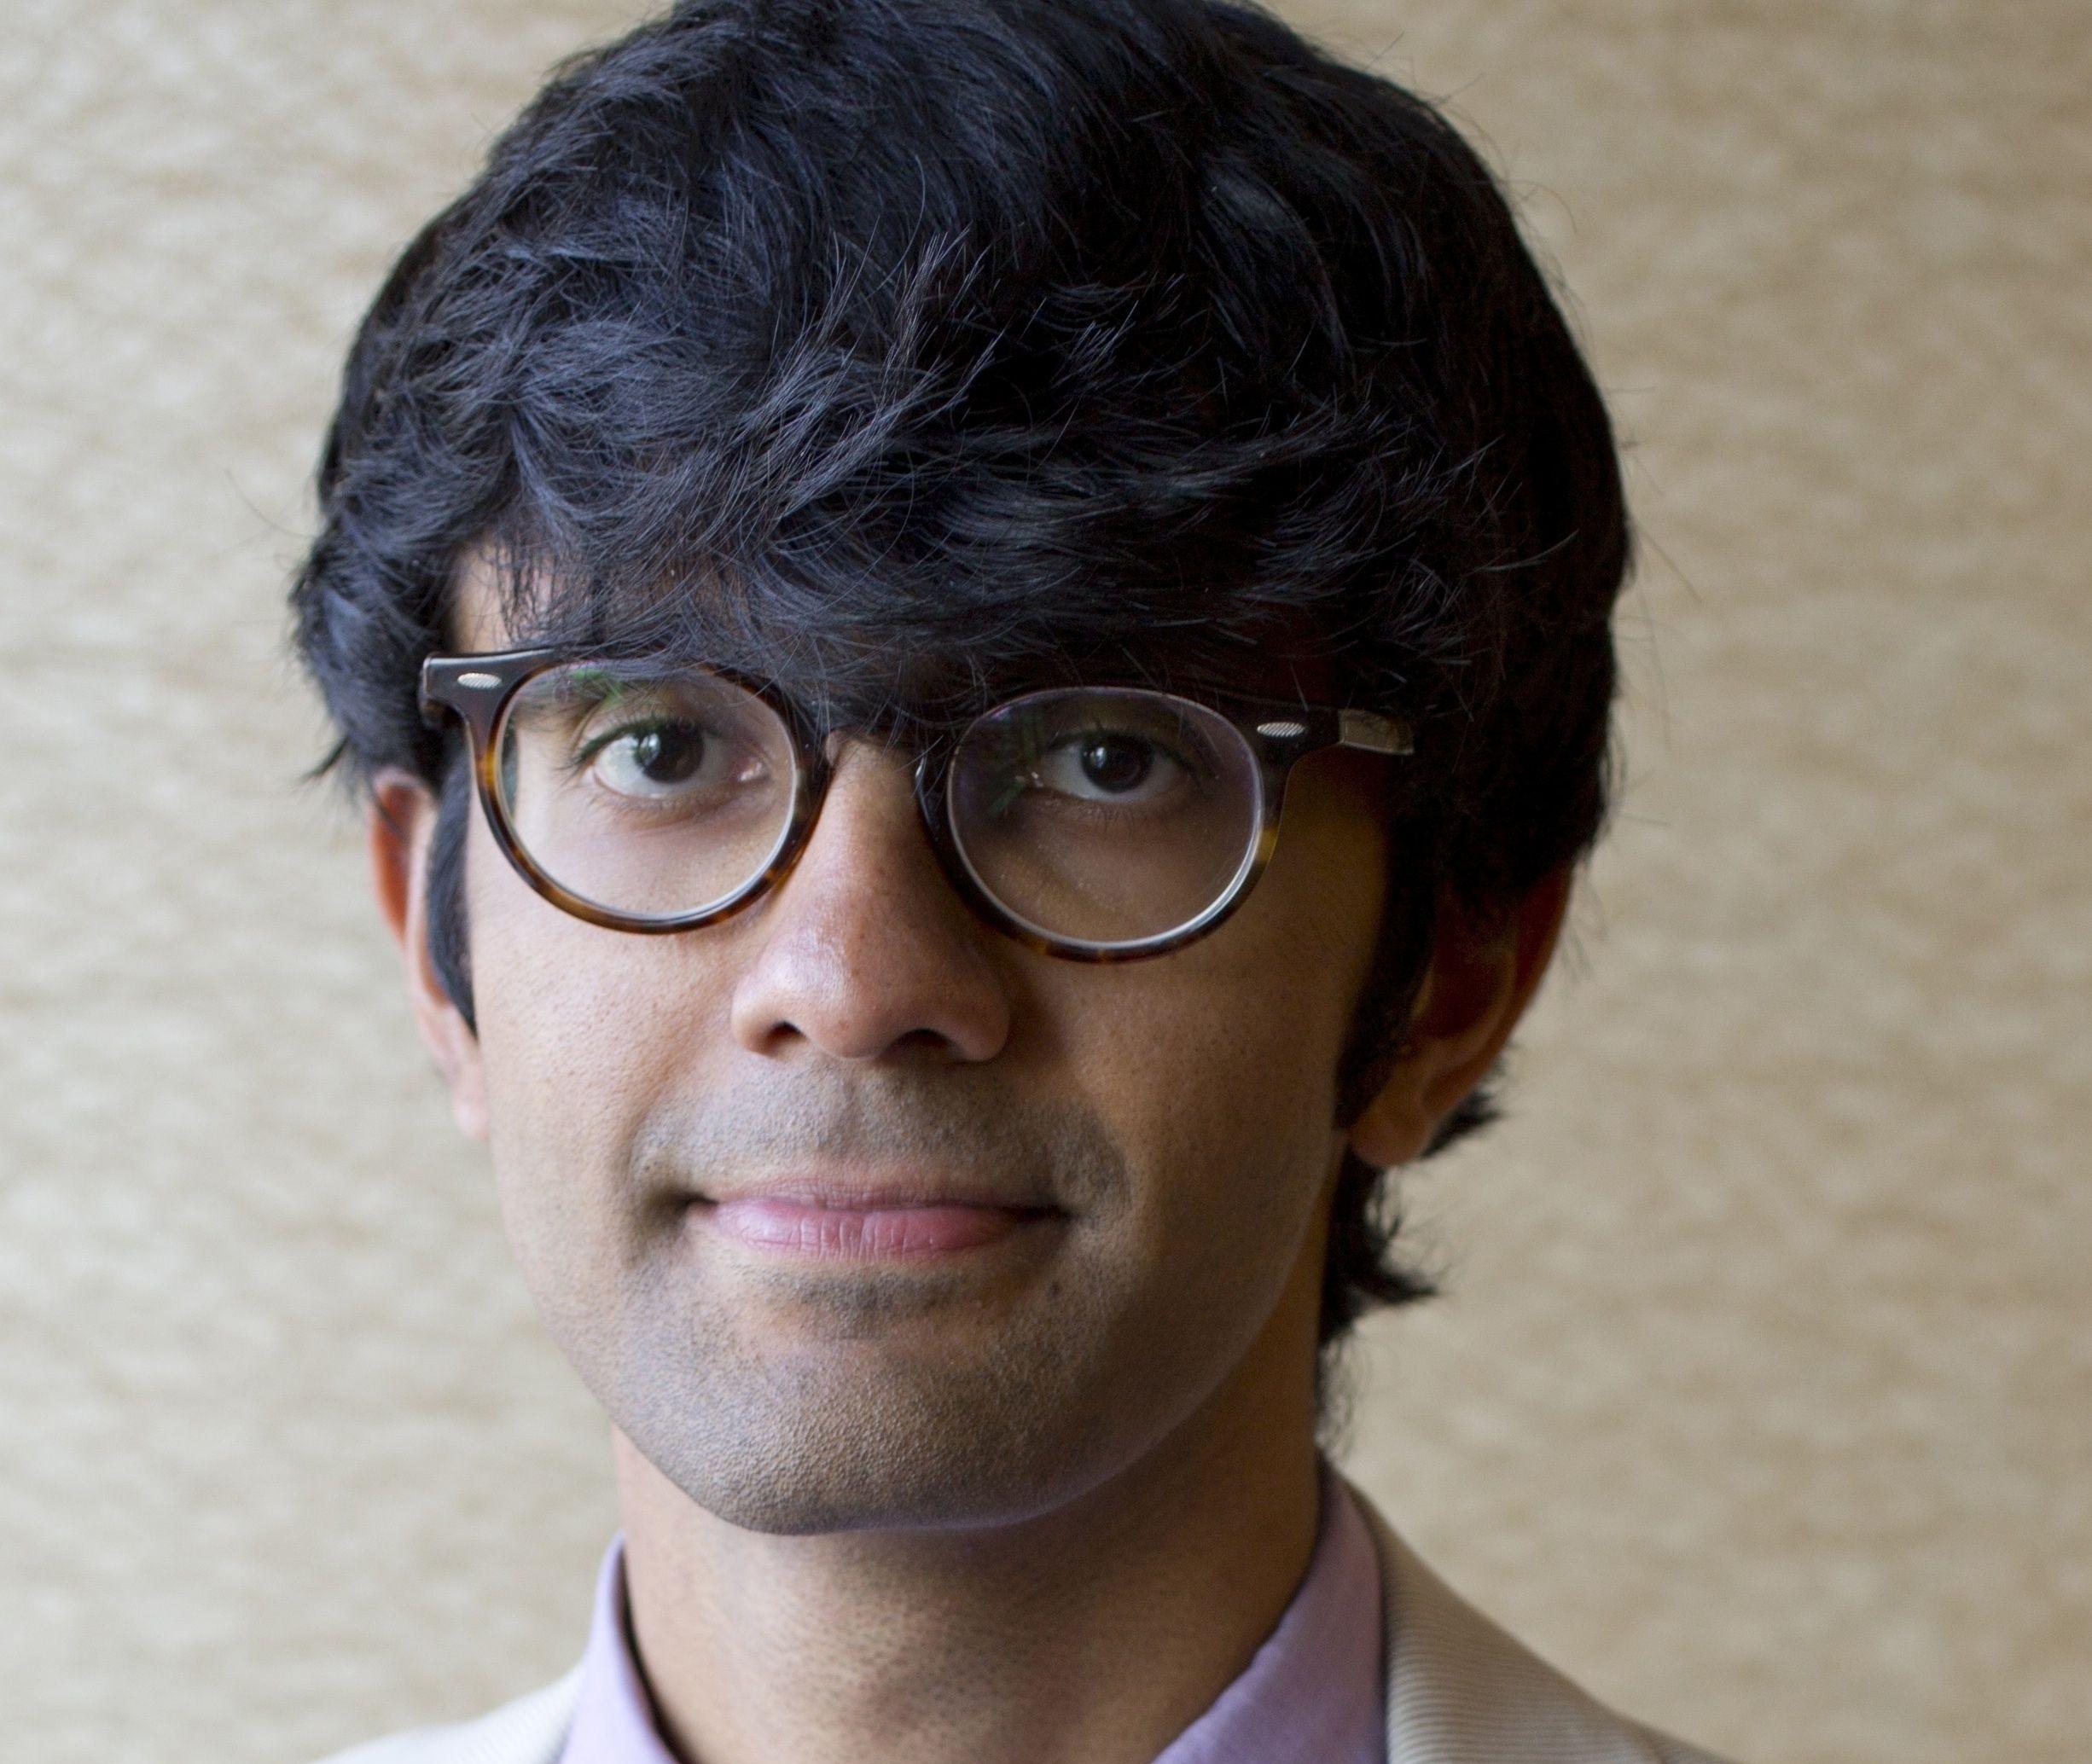 Copy of Abhinav Sharma (Stanford, USA and Nancy, FR)